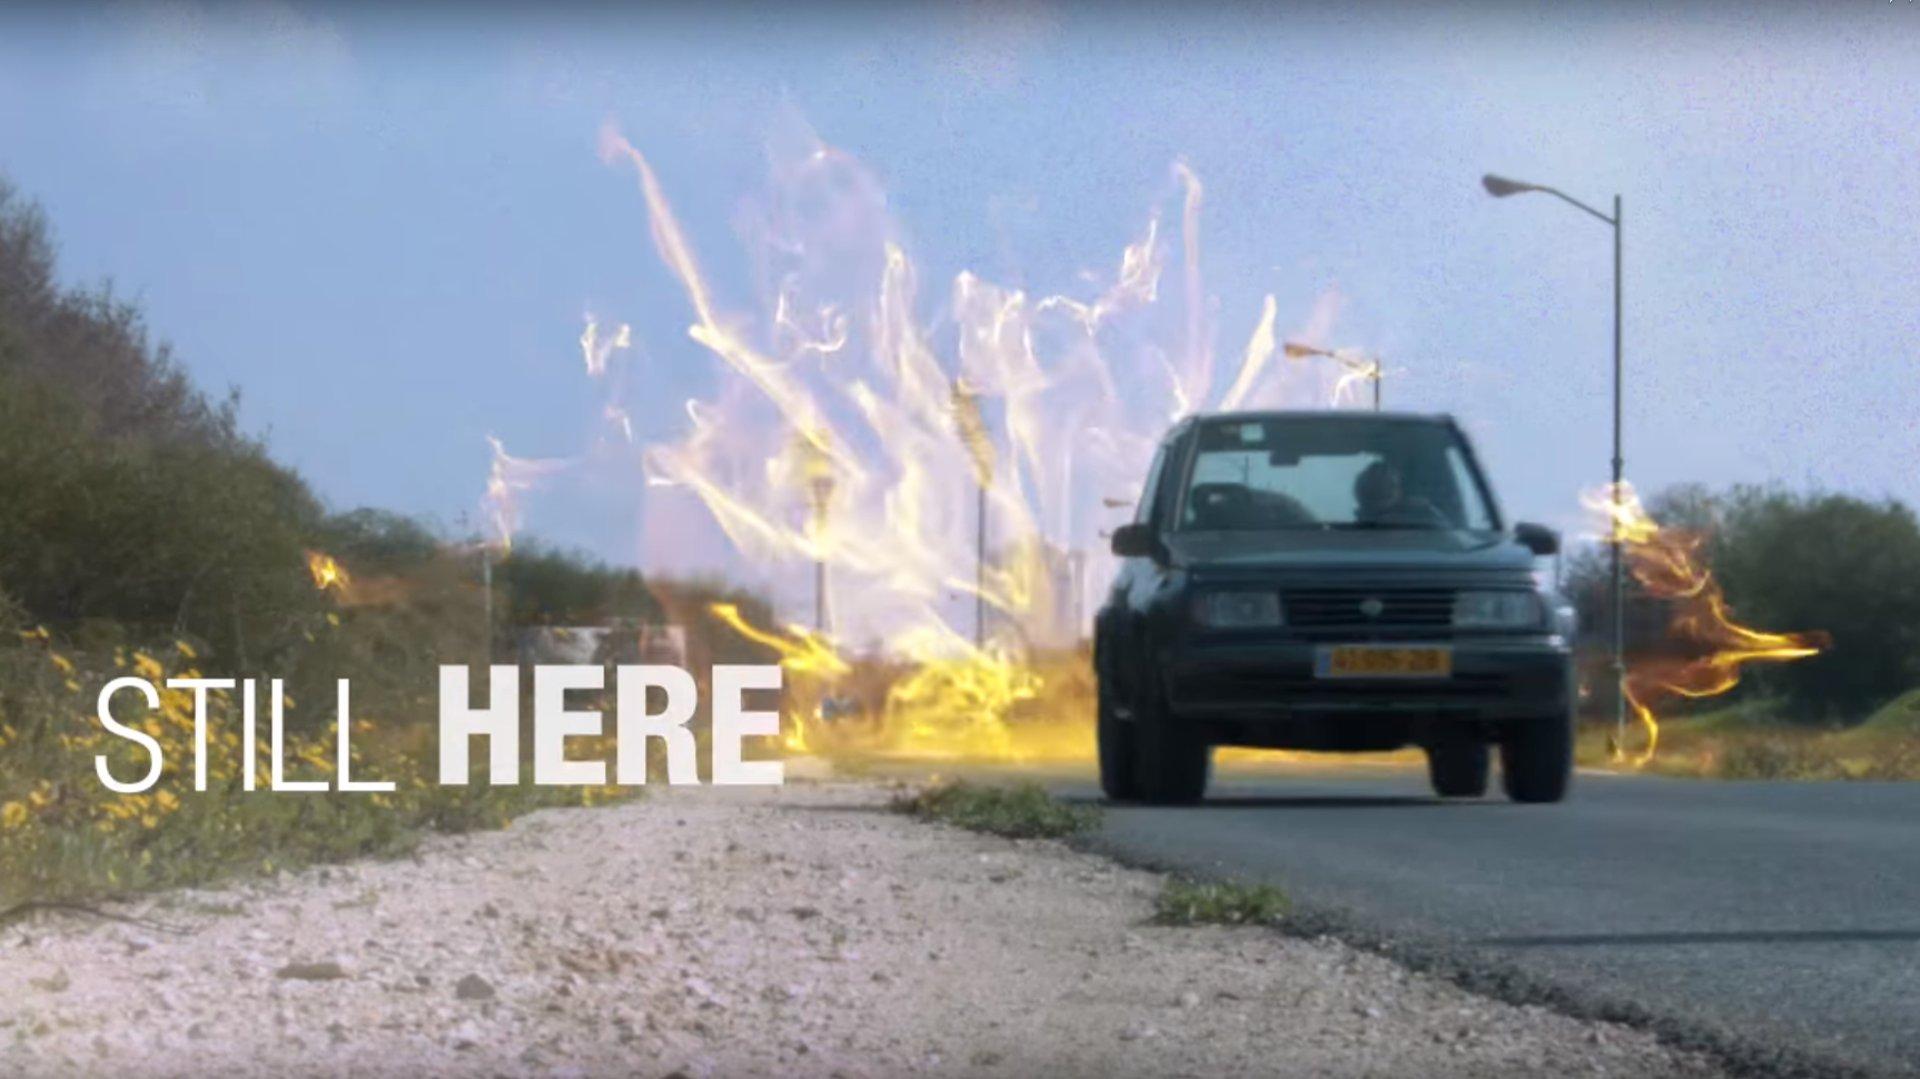 Künstler landet mit spektakulärer Autowerbung viralen Hit